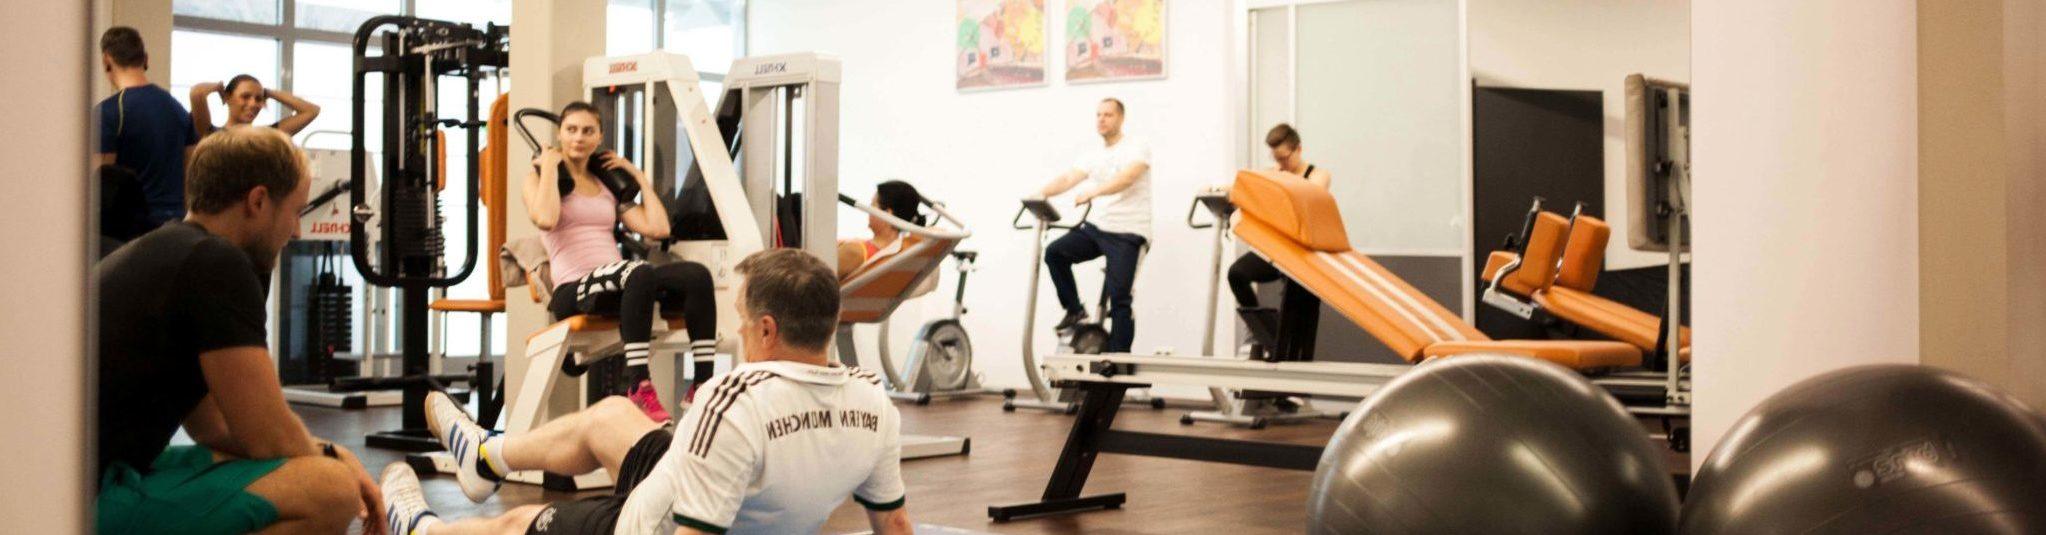 Trainingstherapie auch für Haag